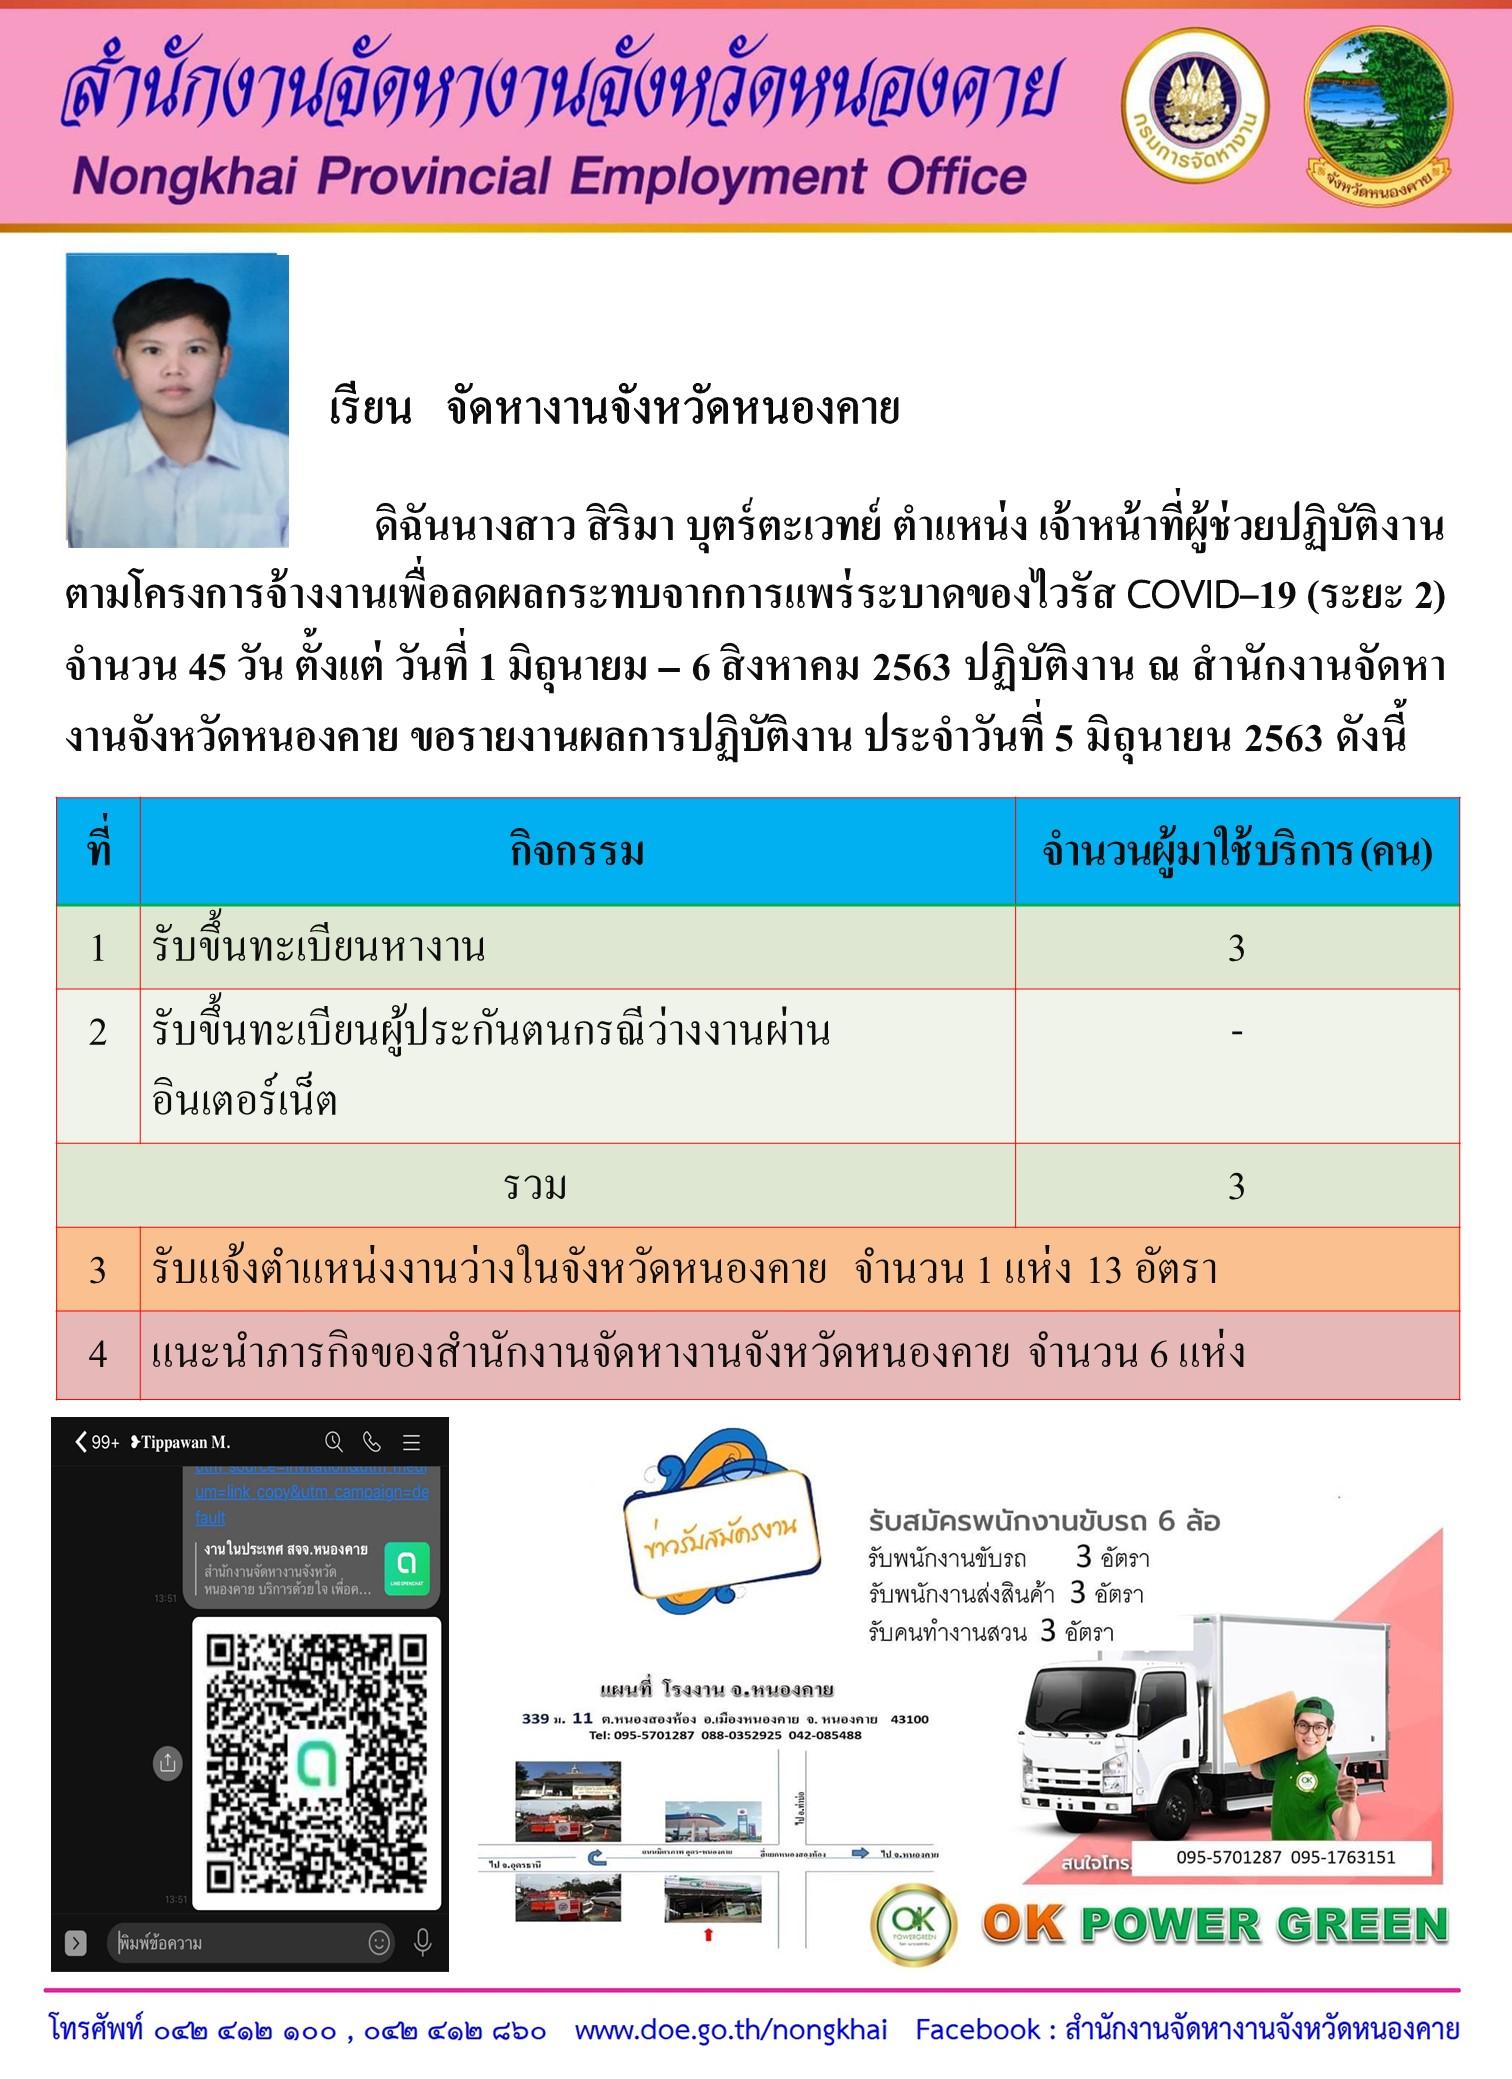 ผลการปฏิบัติงานของพนักงานจ้างเหมาบริการรายบุคคล (รายวัน) ประจำวันที่ 5 มิถุนายน 2563